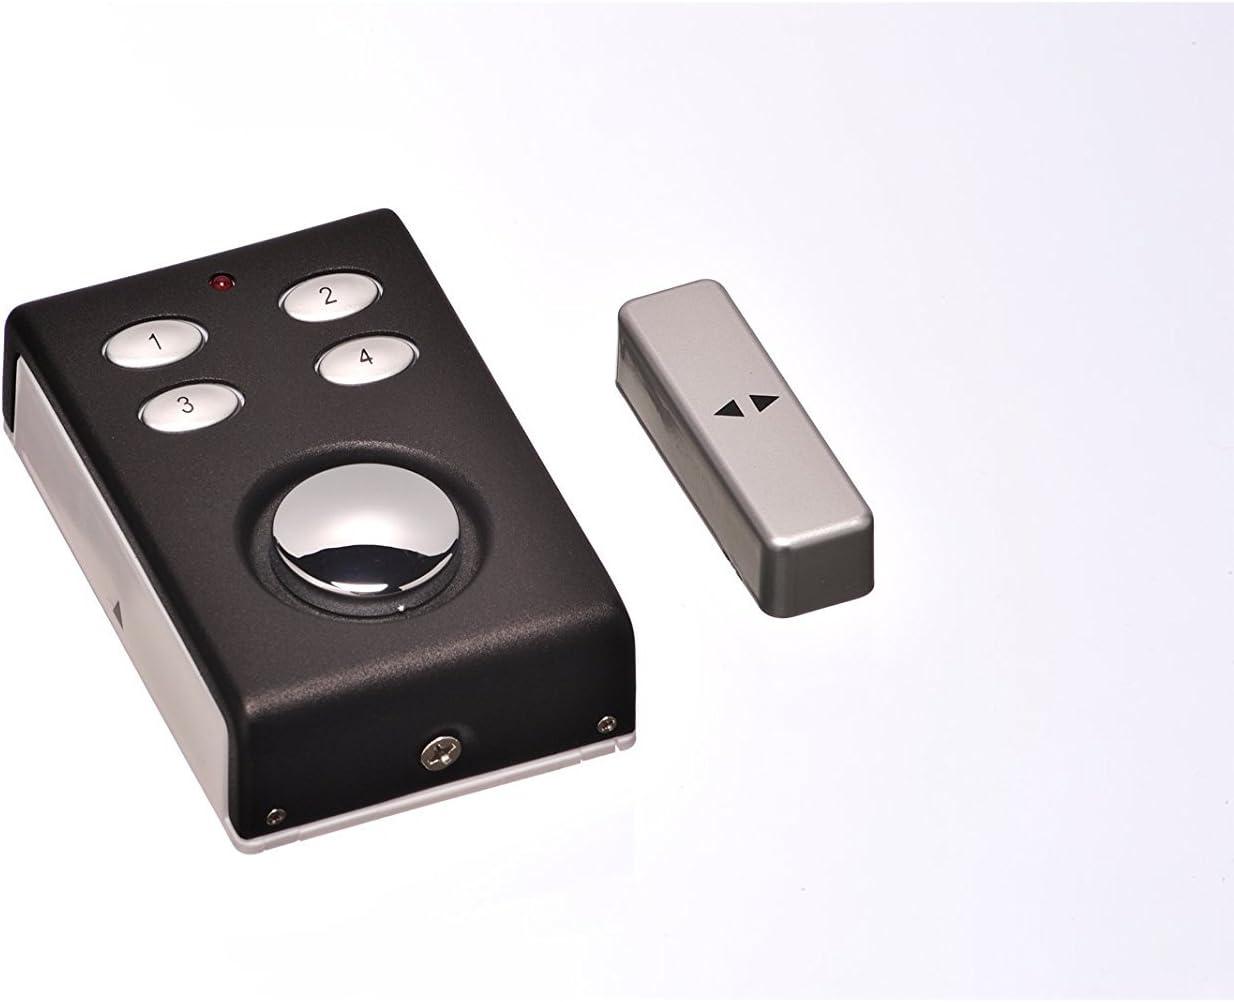 Alarma de doble función con teclado – Contacto sensor magnetico y contacto de alarma.